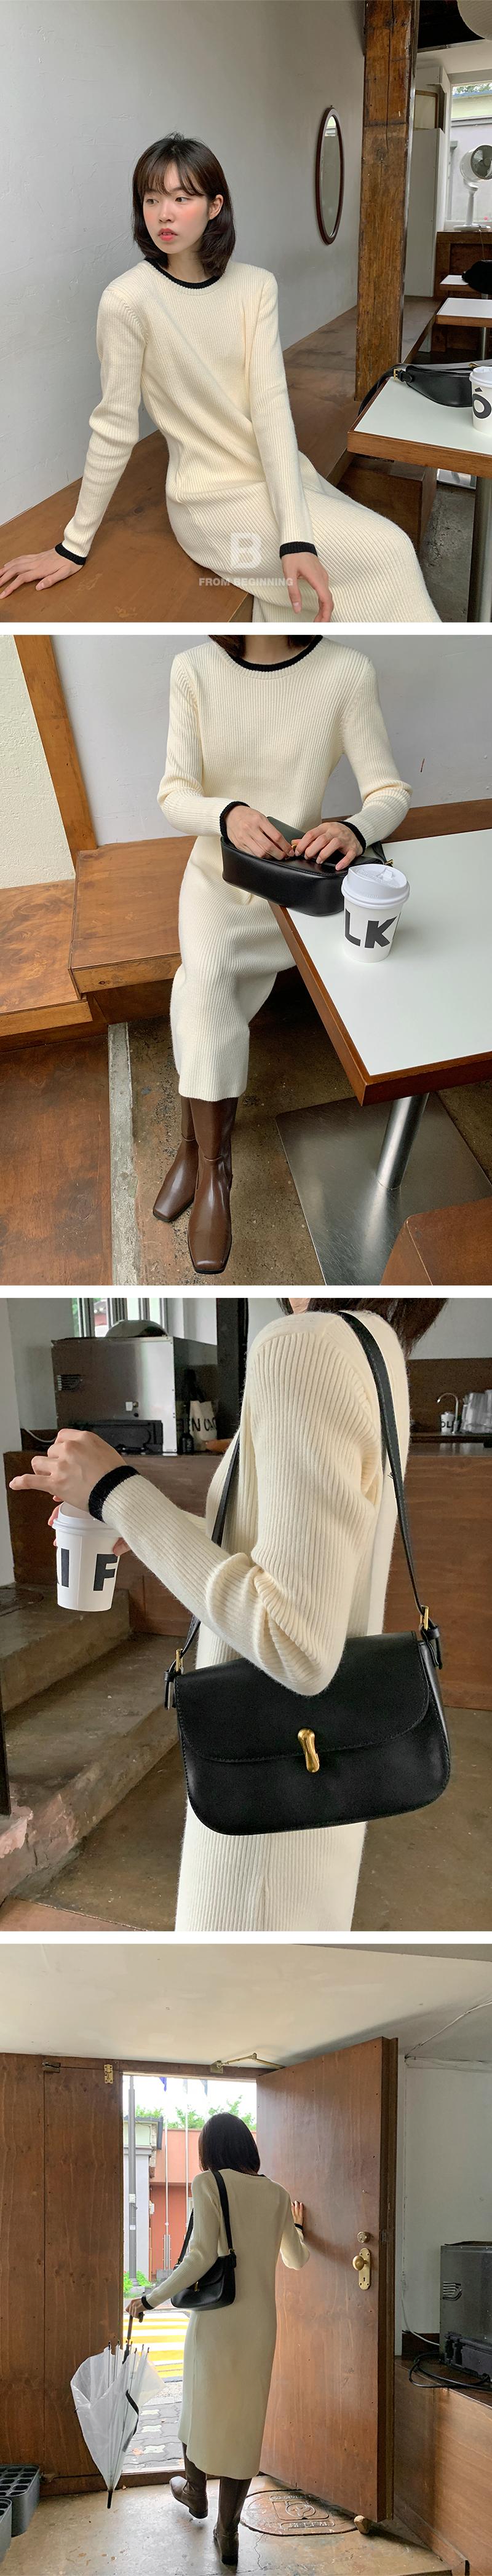 Stick Buckle Cover Leather Shoulder Bag